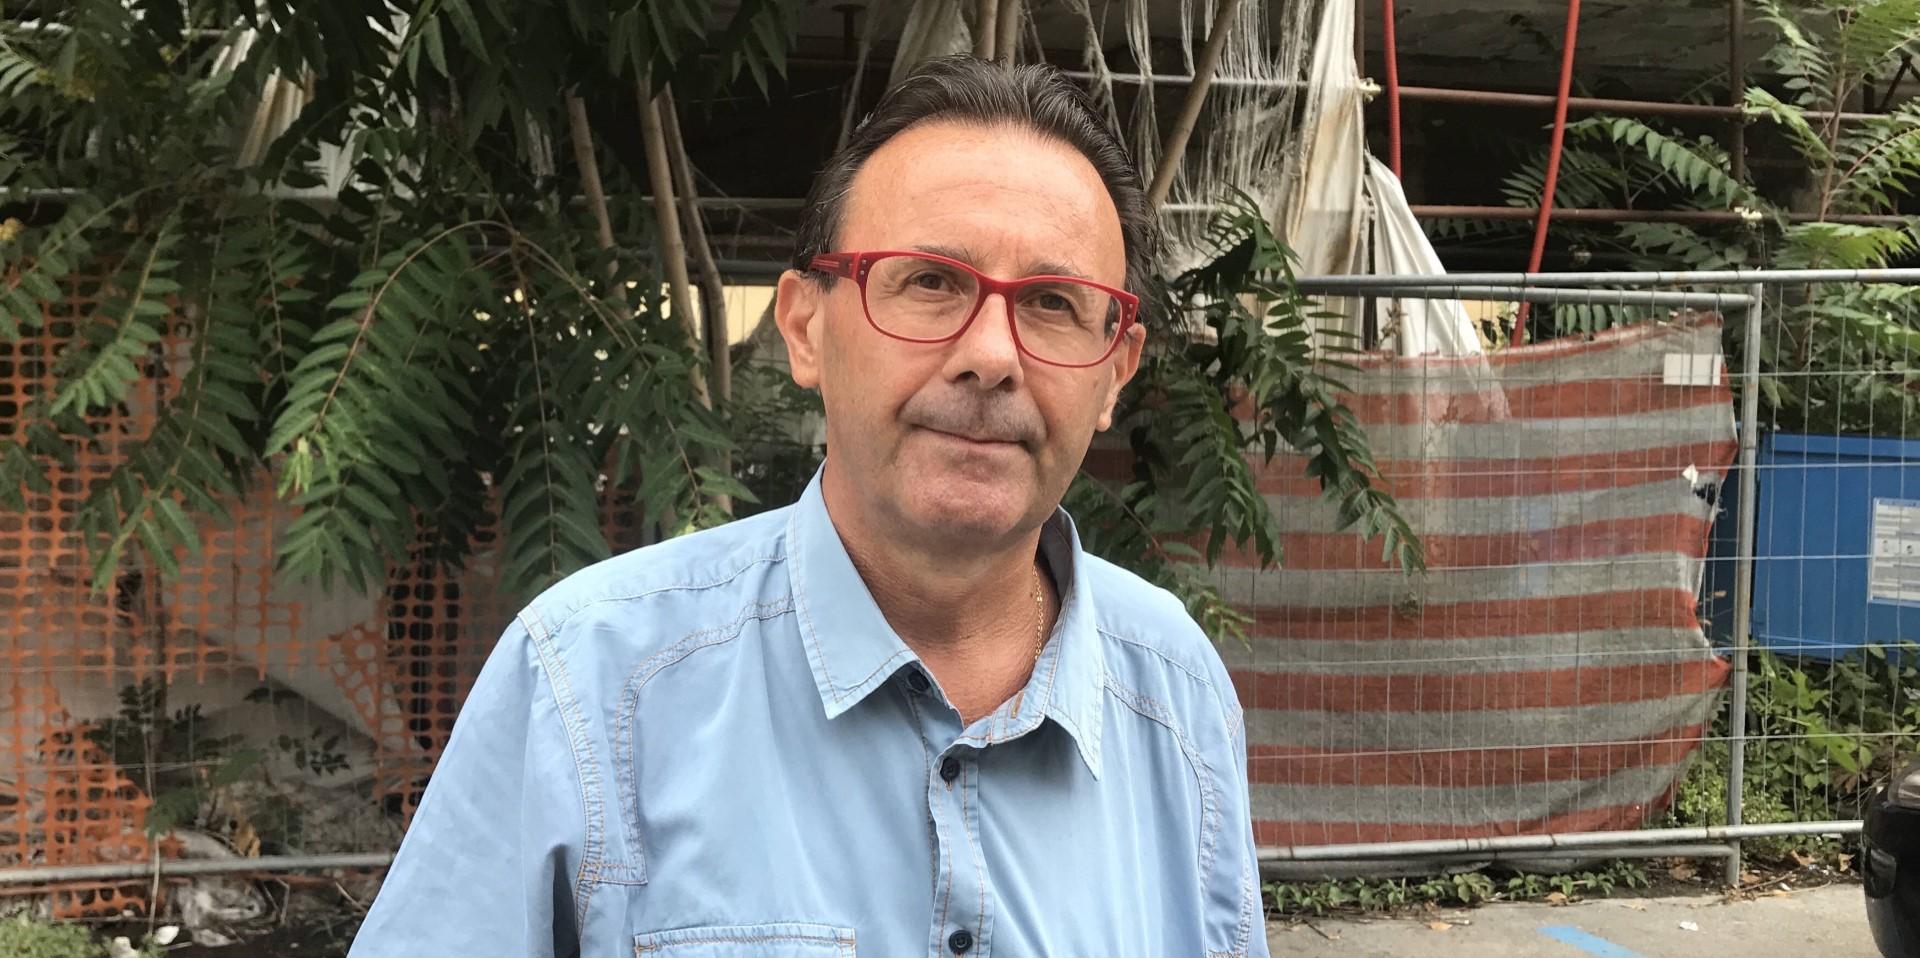 Luigi Rabuffi